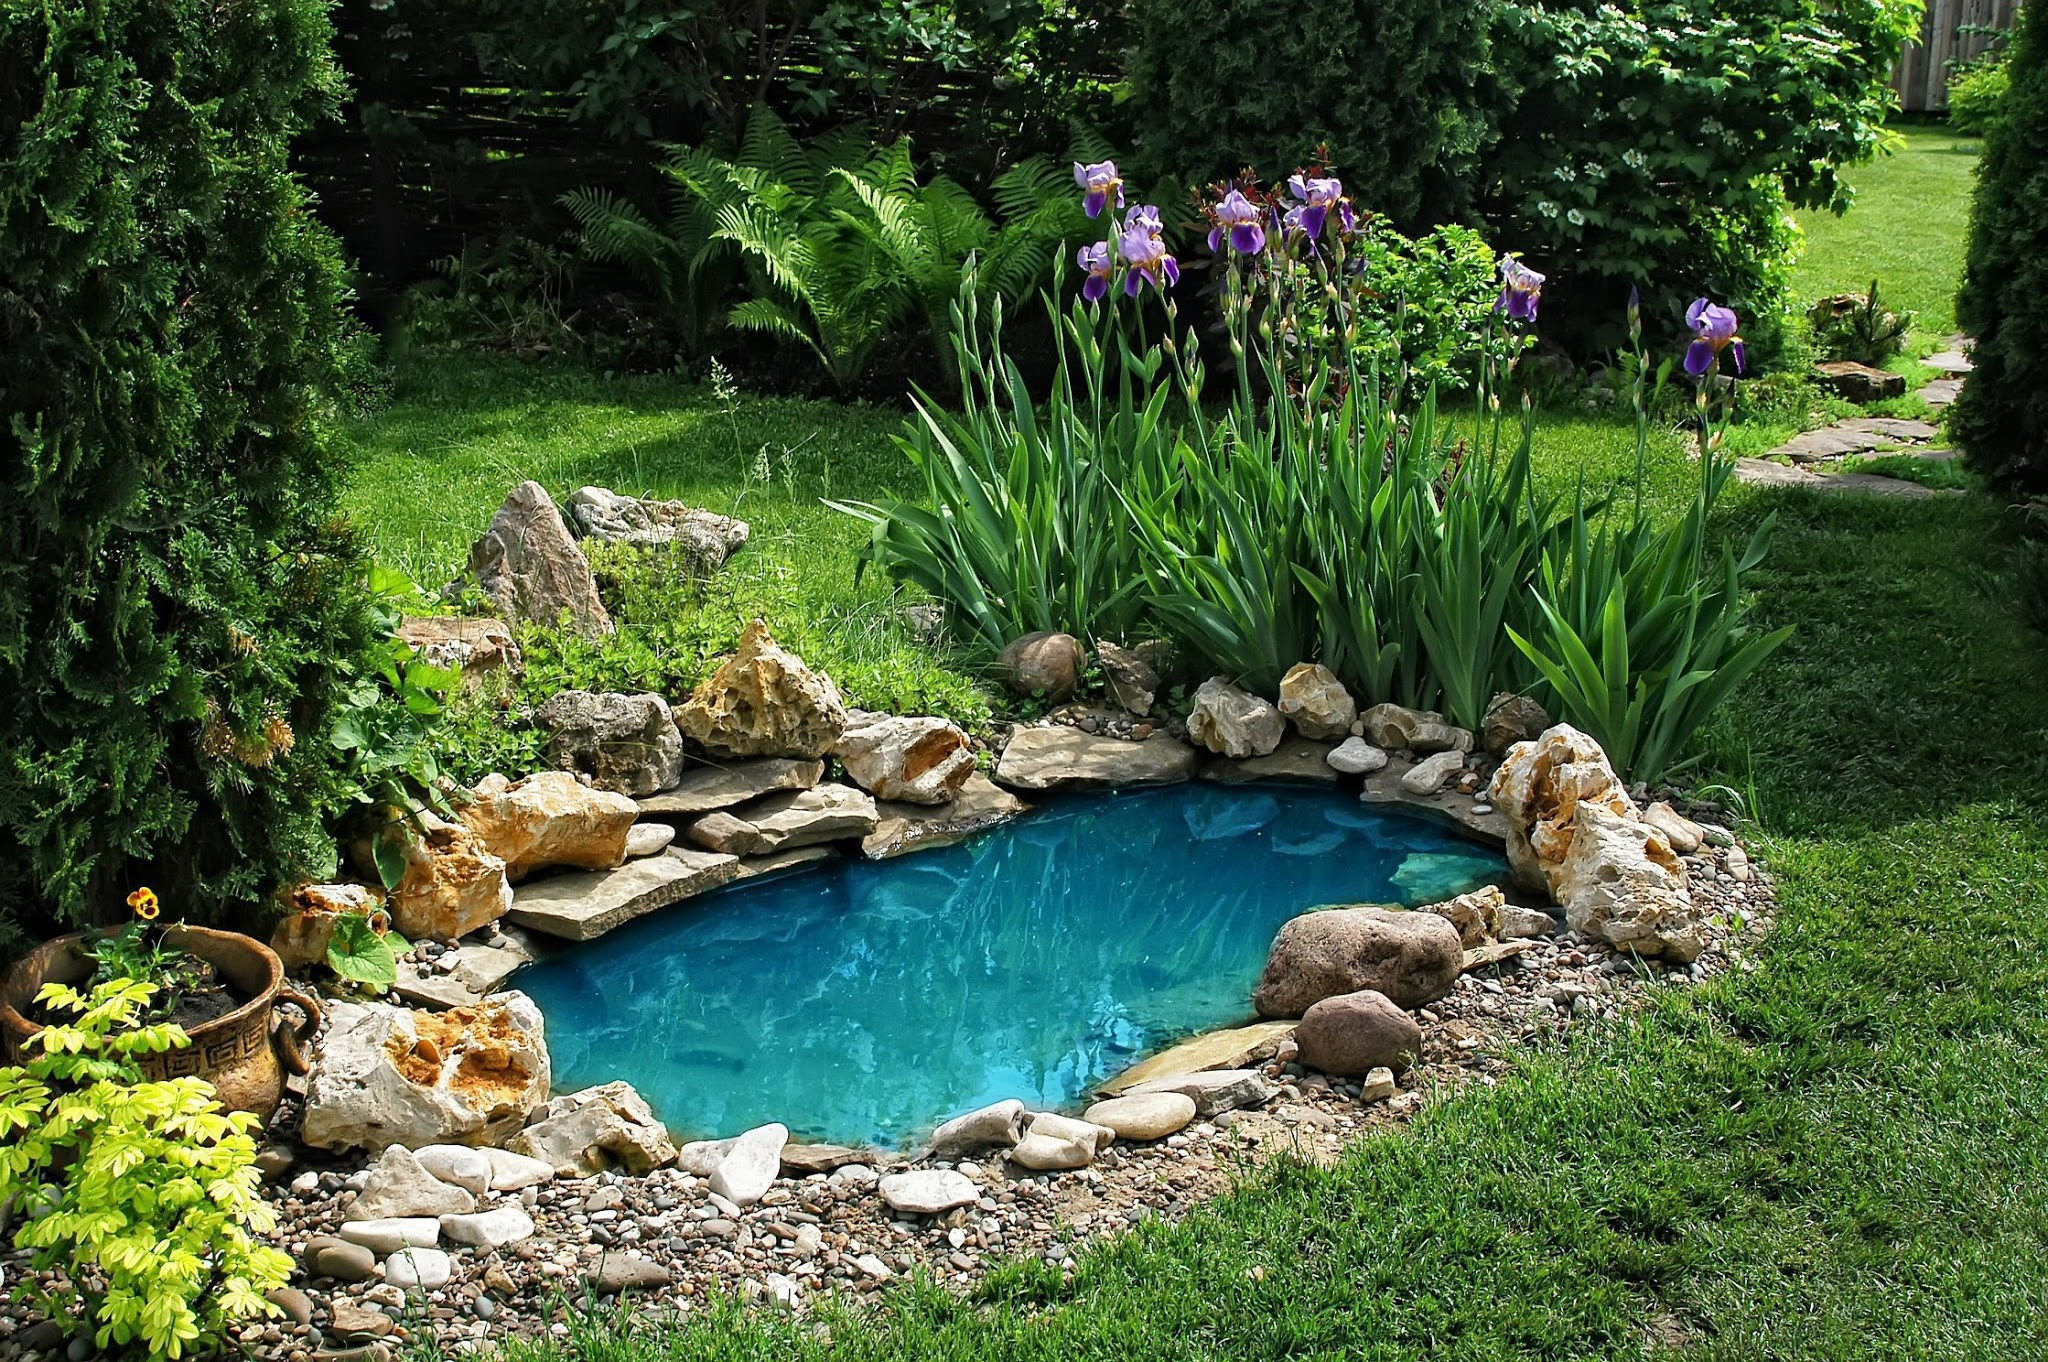 φτιαχνοντας λιμνούλα για τον κήπο μου